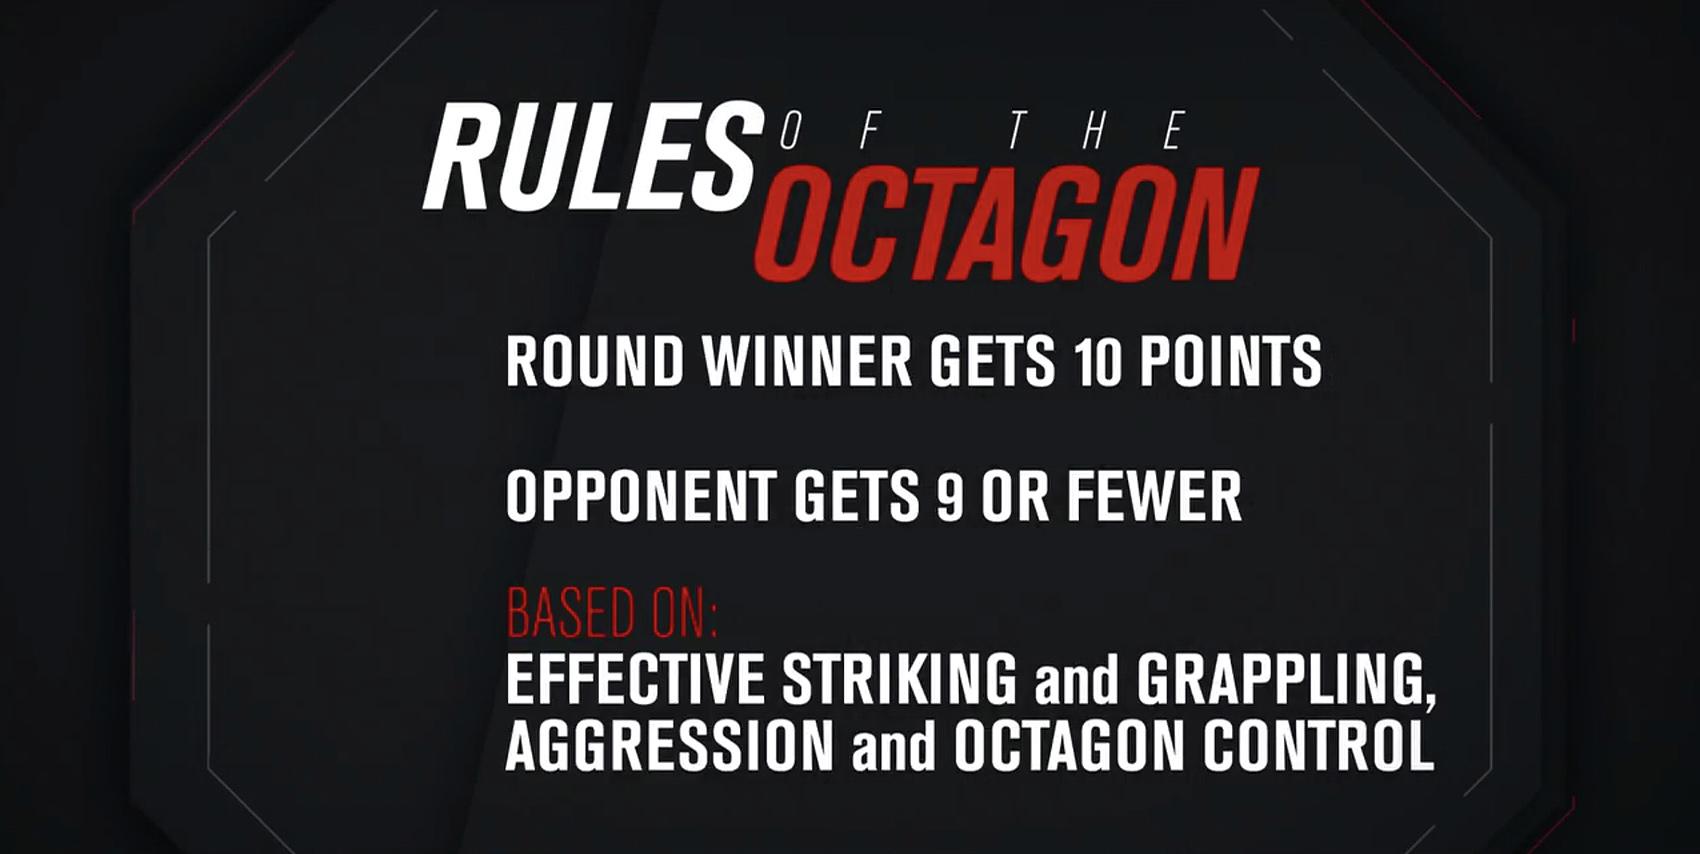 NCS_UFC-ESPN_0018